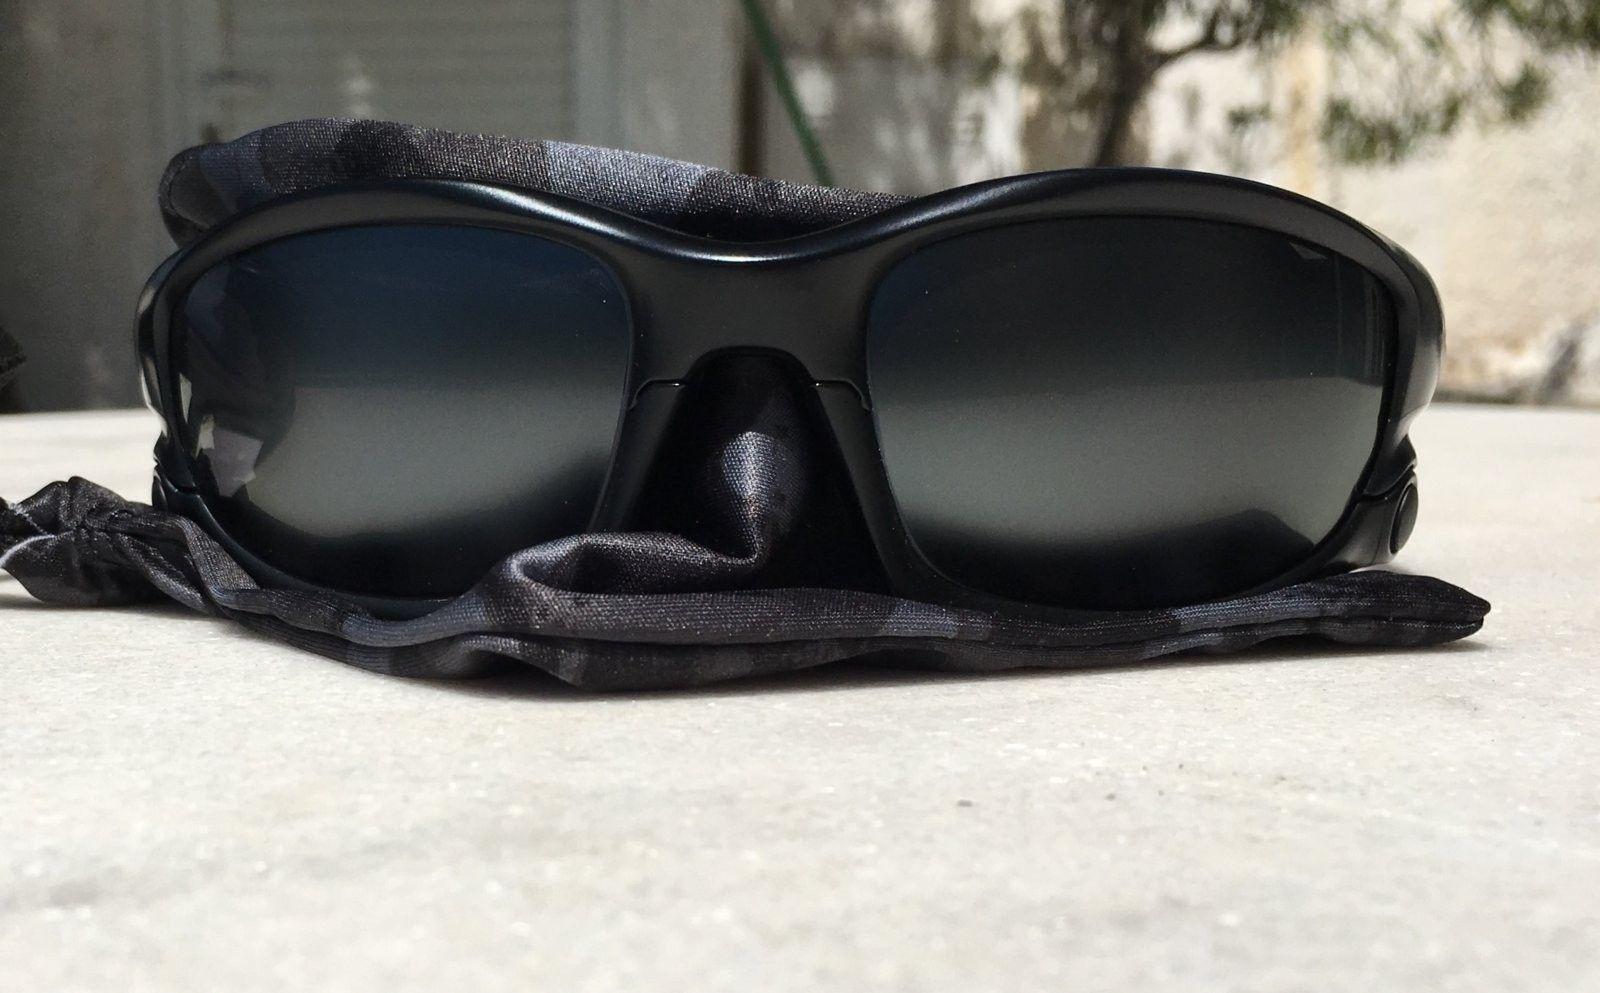 Split/Wind Jackets with Dillon Matte Lenses (Rare) - FullSizeRender 12.jpg